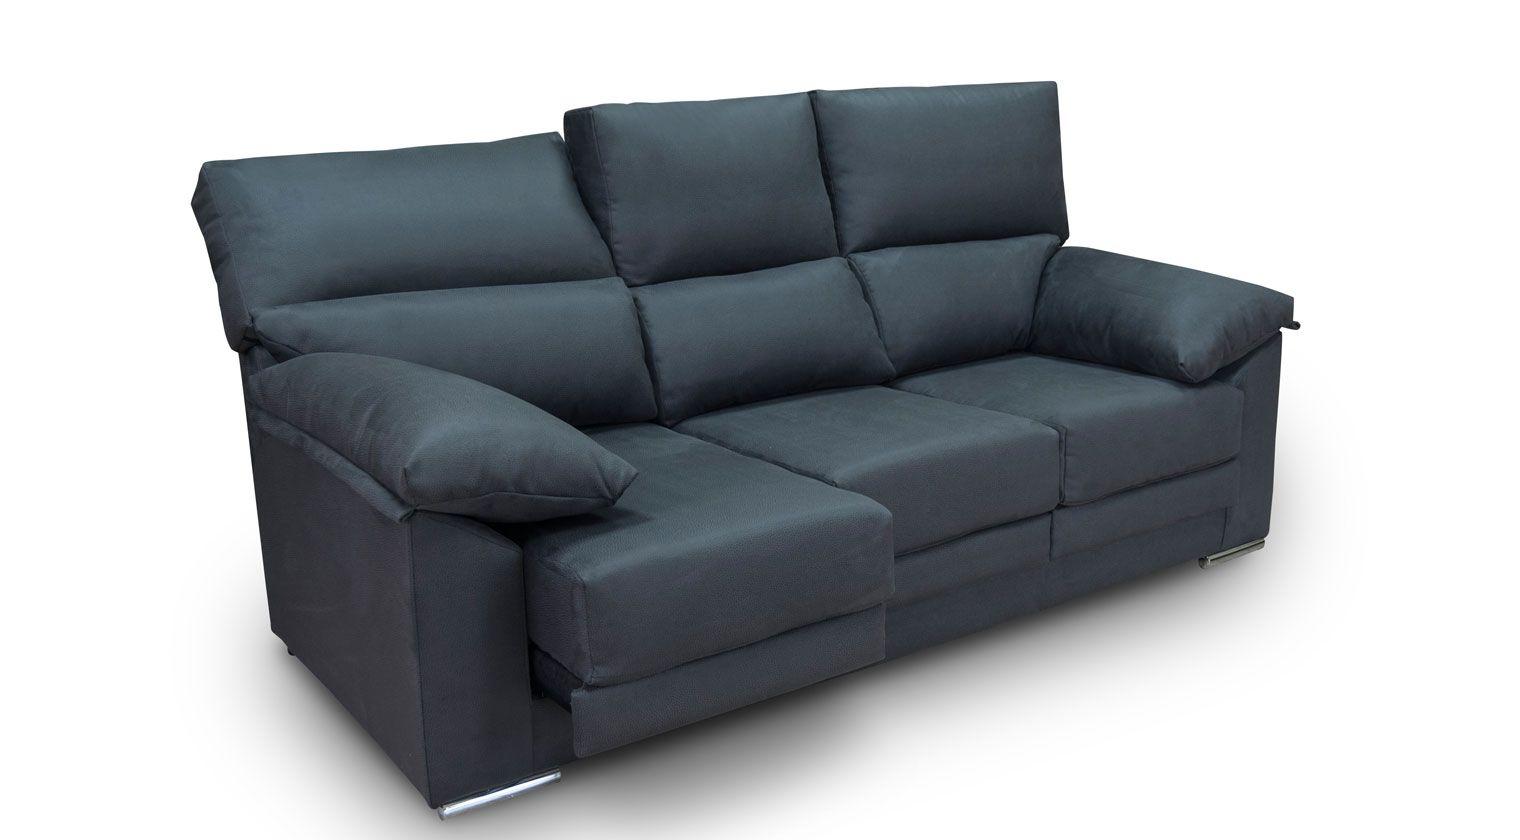 Comprar sof tela elgon sofa 2 plazas tejido italica for Sofas baratos asturias